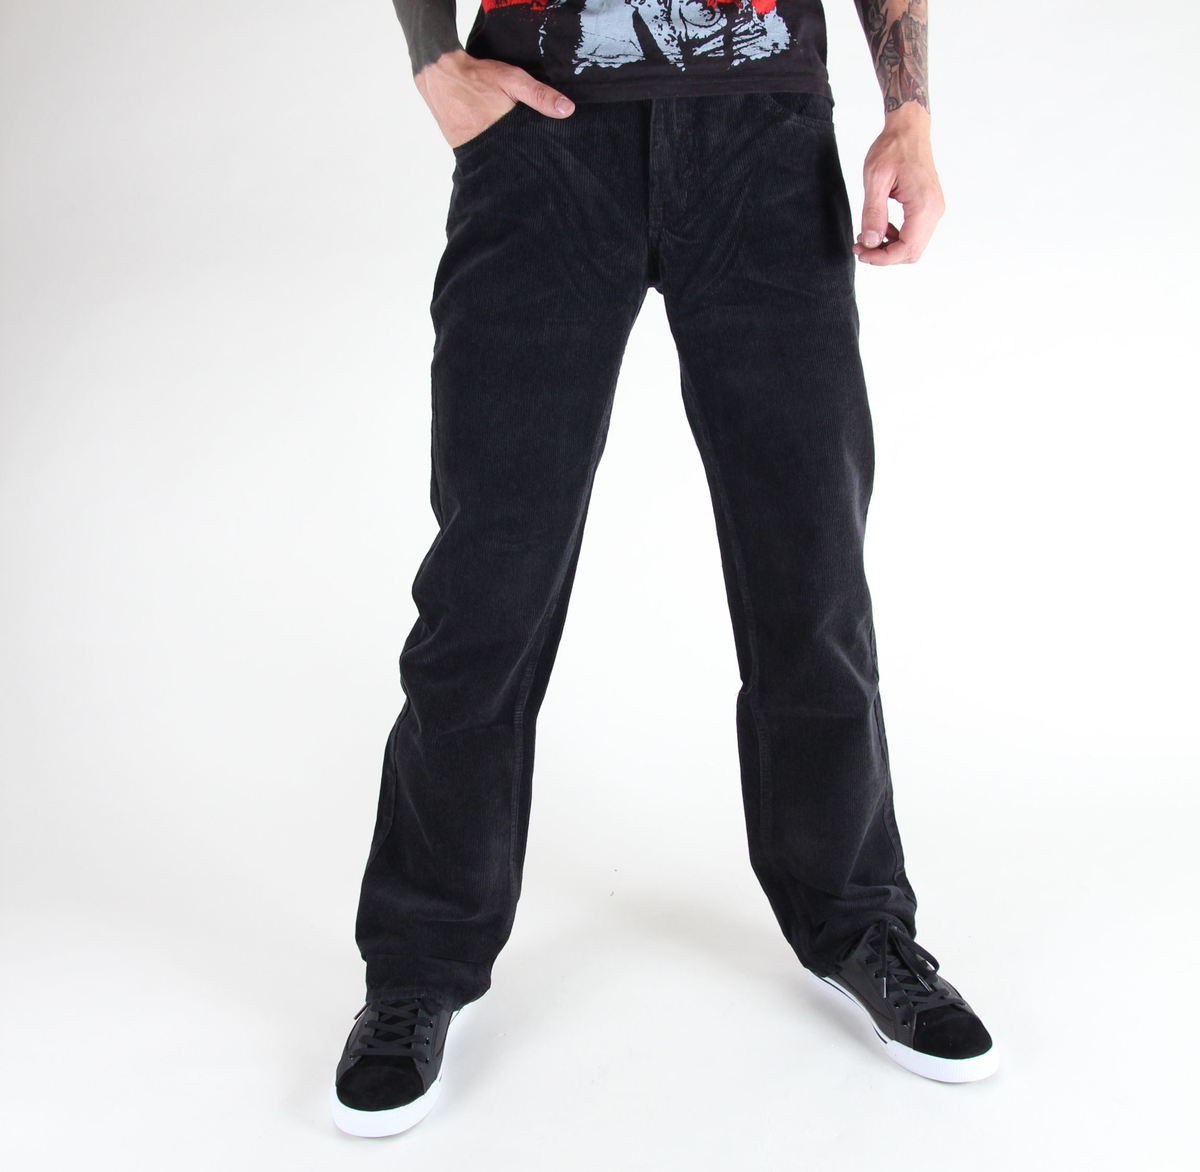 kalhoty pánské FUNSTORM - Haig - 20 d grey